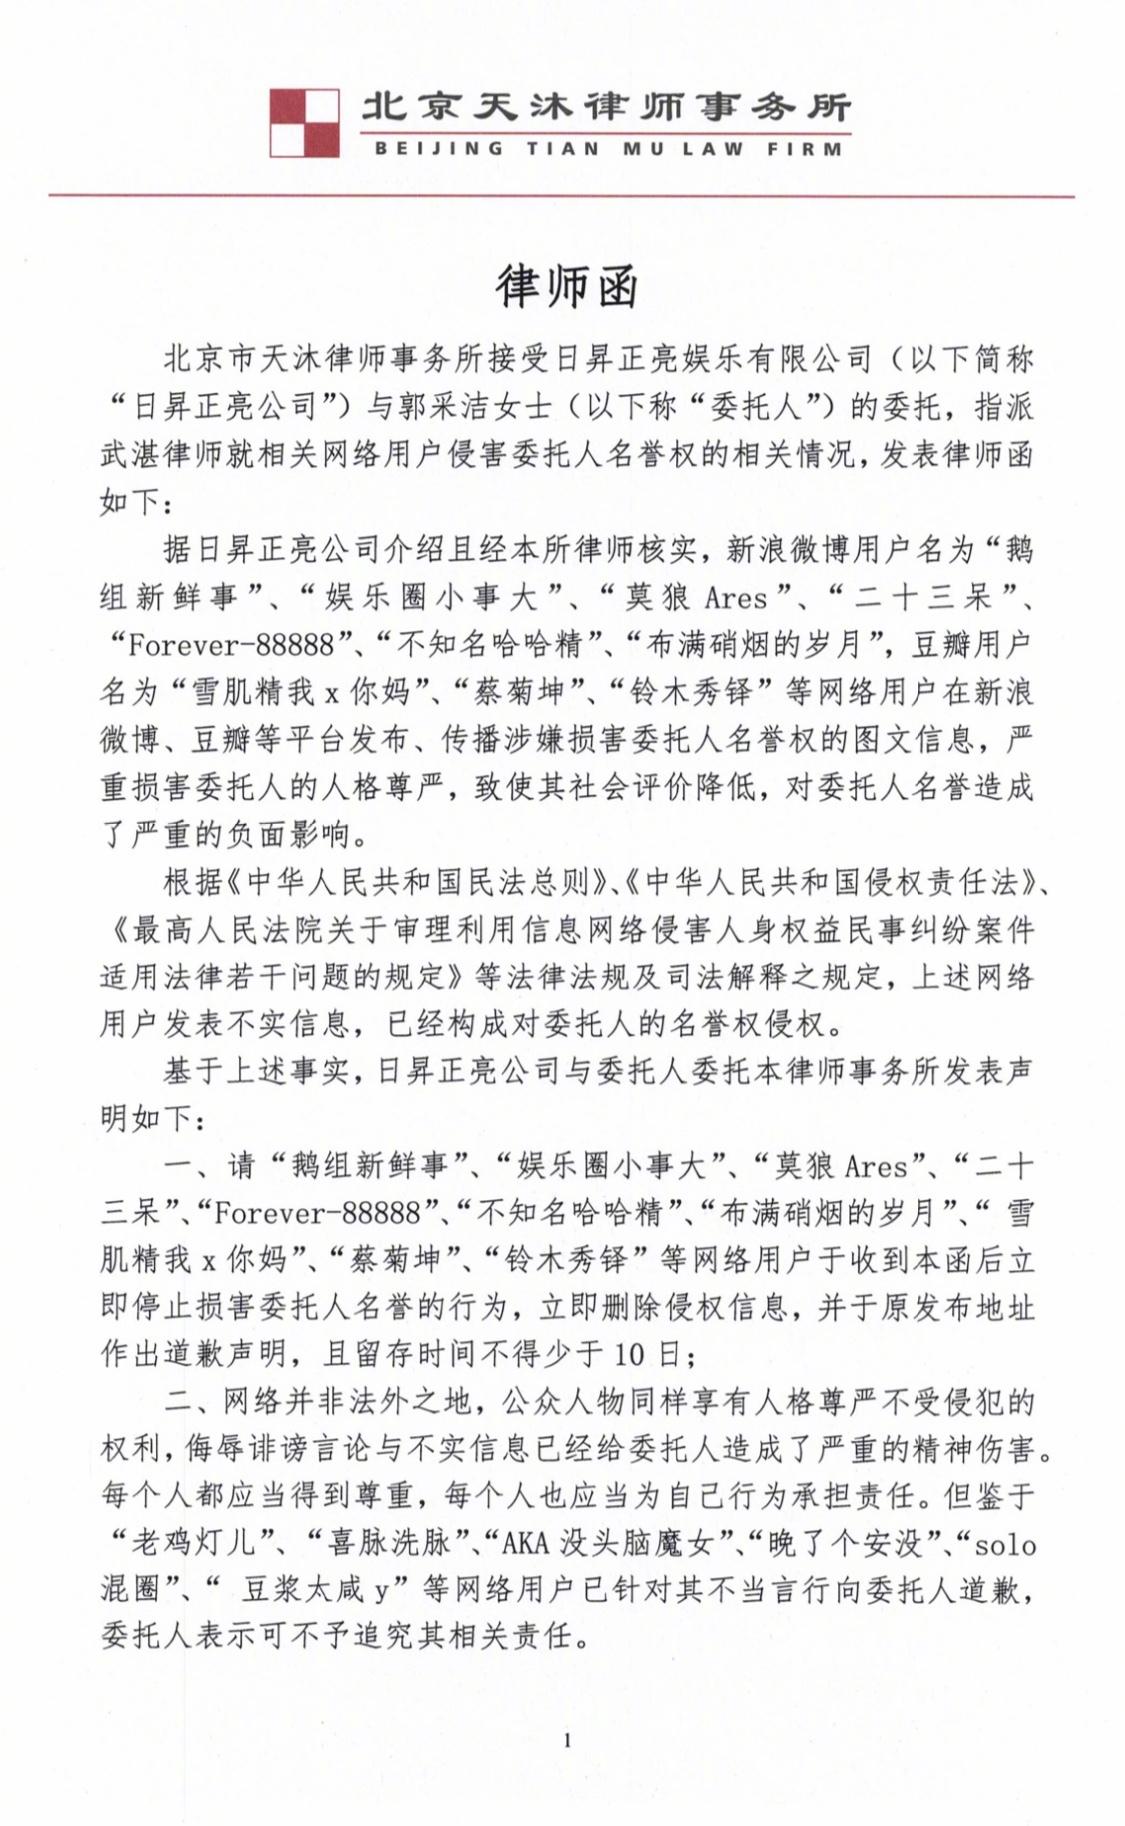 郭采洁发律师声明,将对恶意言论采取法律手段